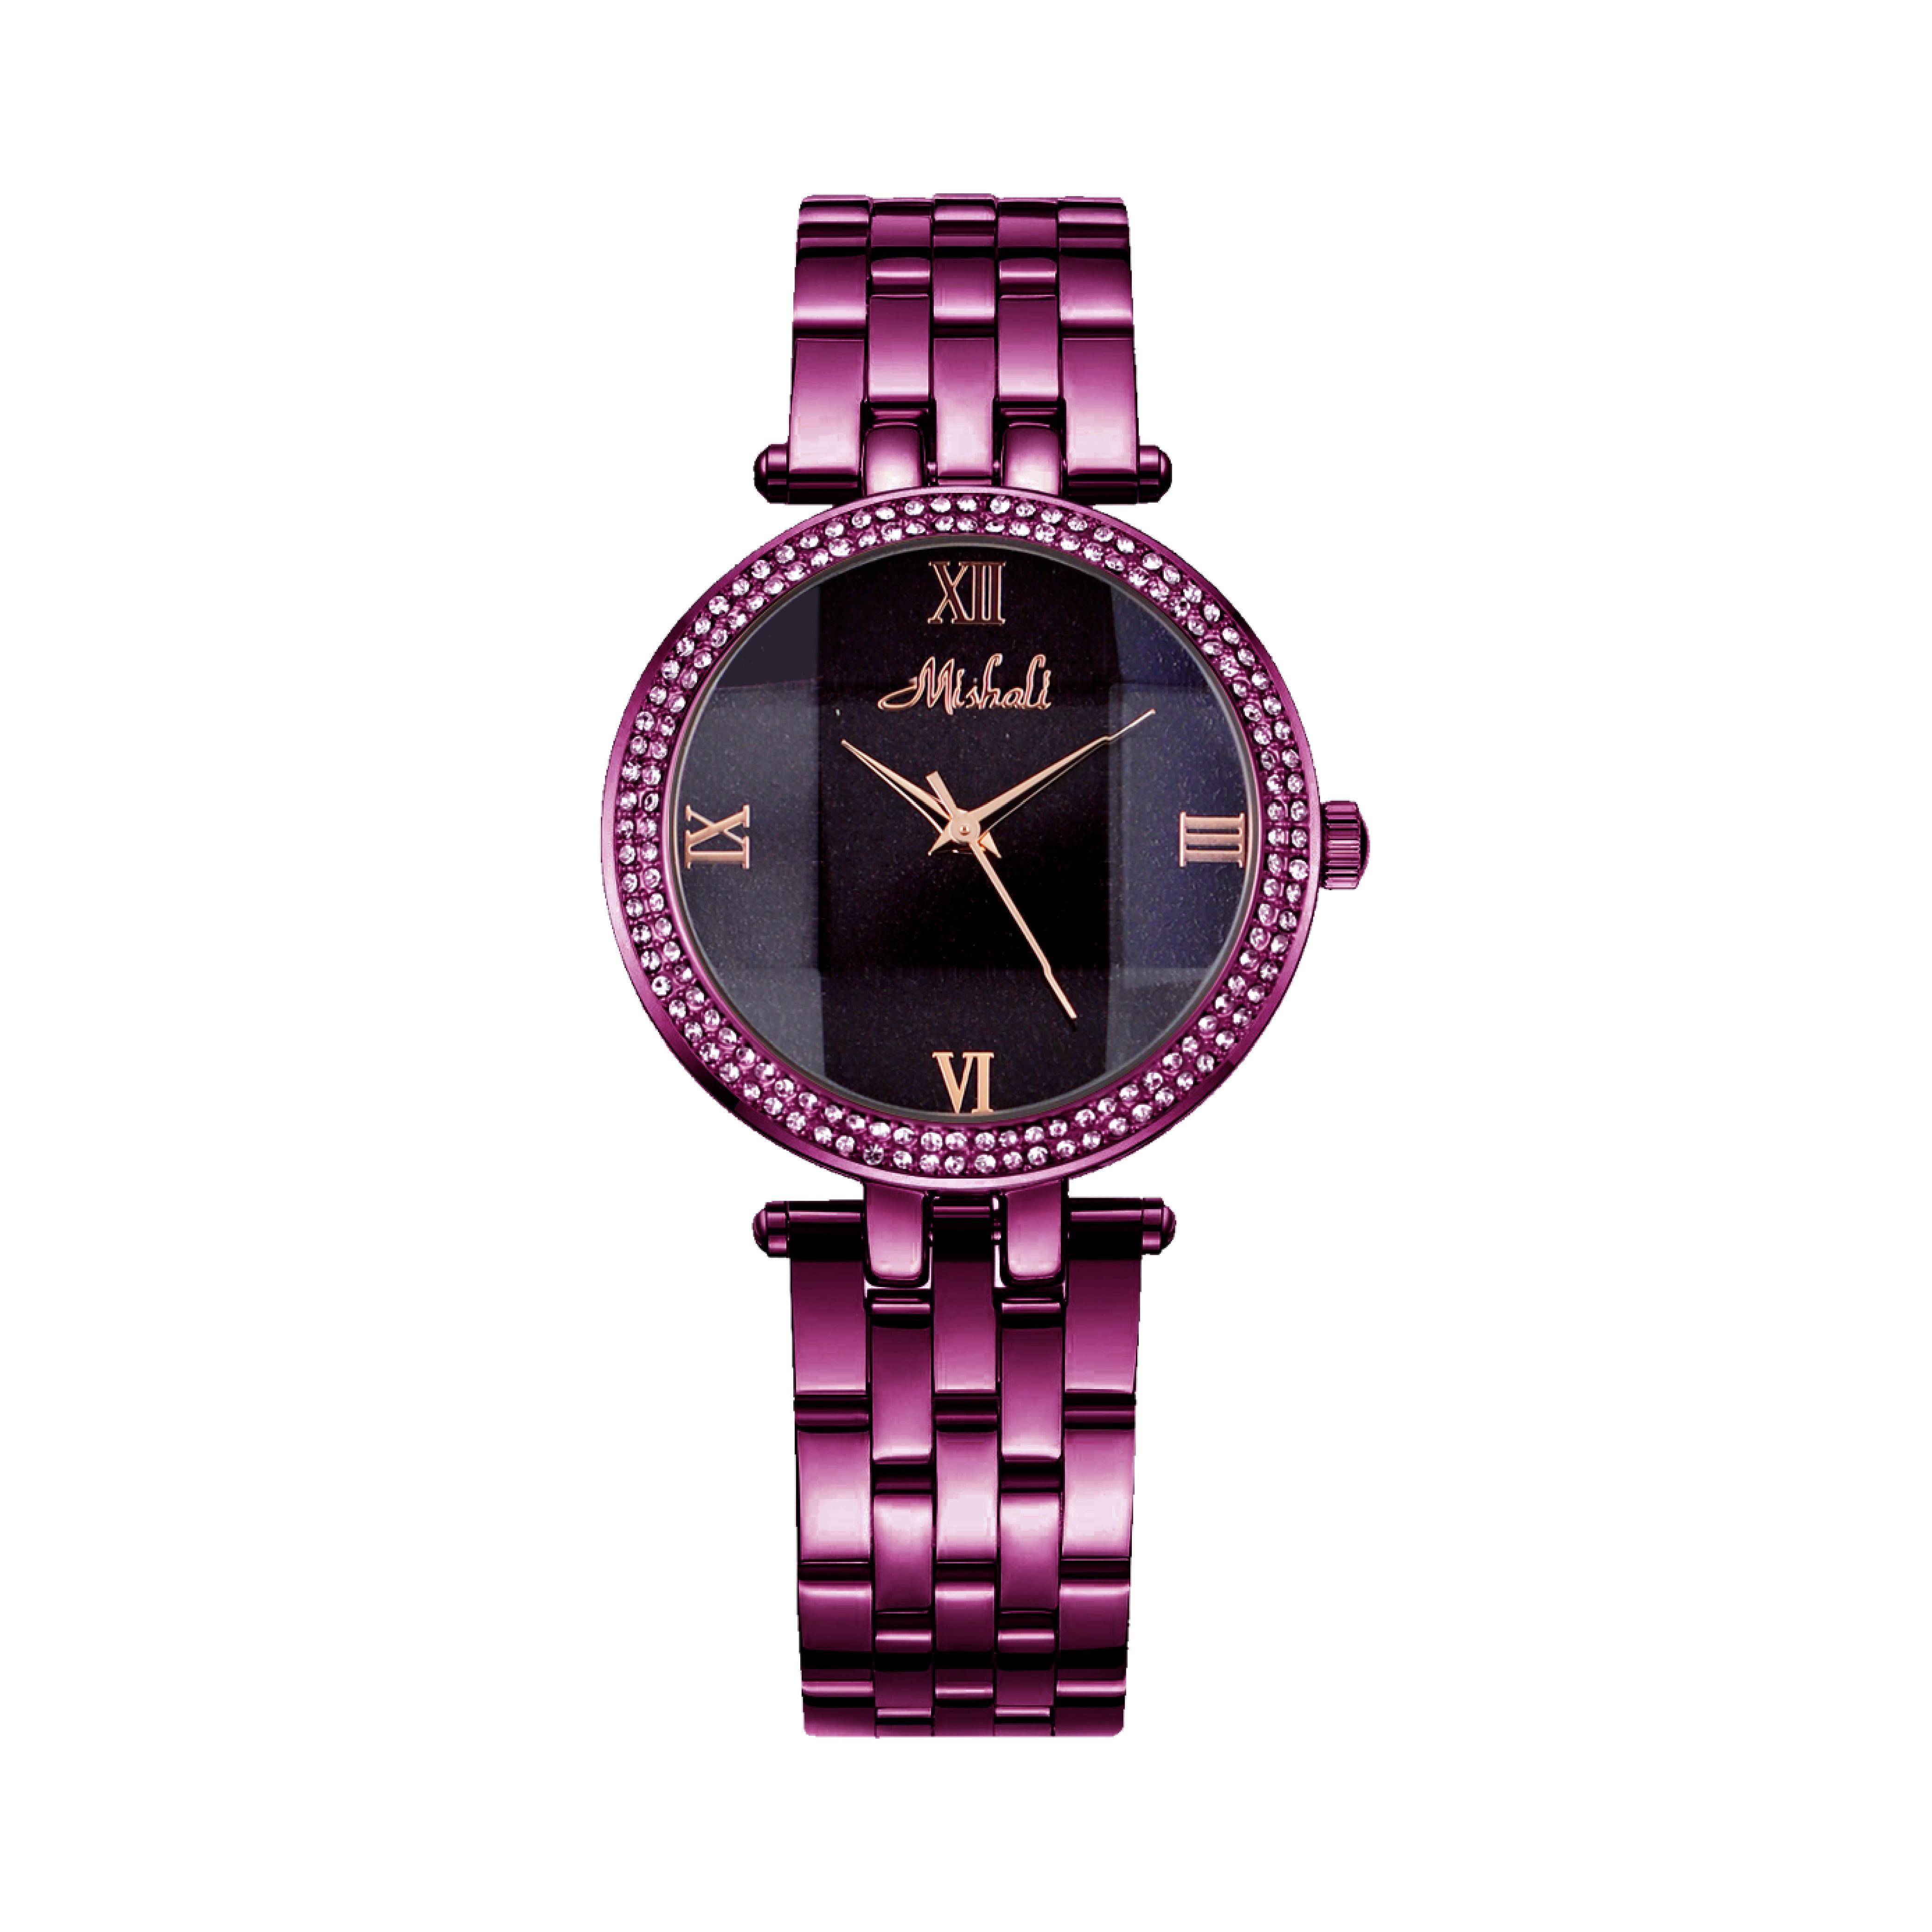 นาฬิกาข้อมือผู้หญิง MISHALI M17706A G